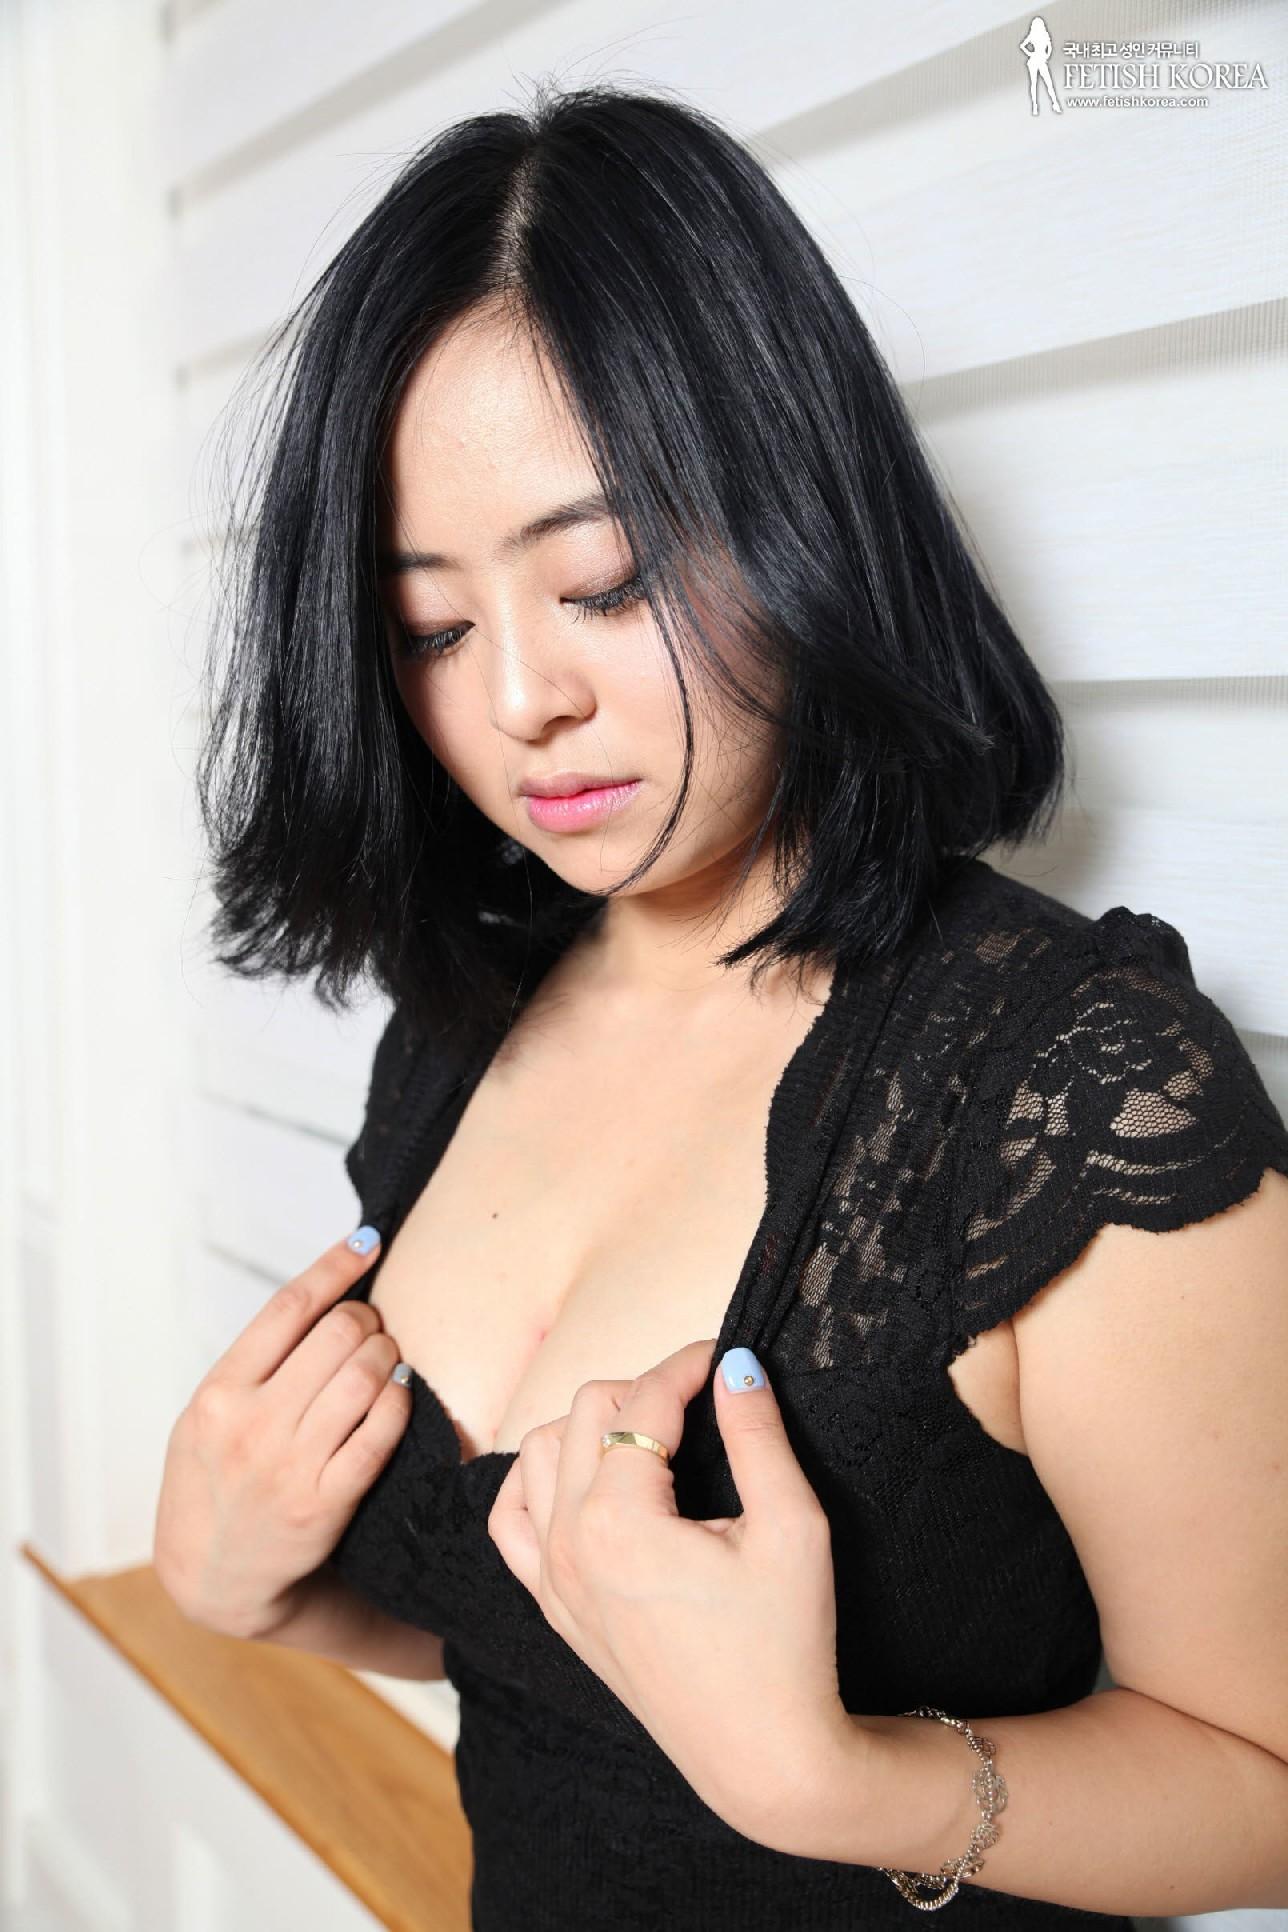 Красивая милашка азиатской внешности сбрасывает с себя лишнюю одежду и показывает грудь